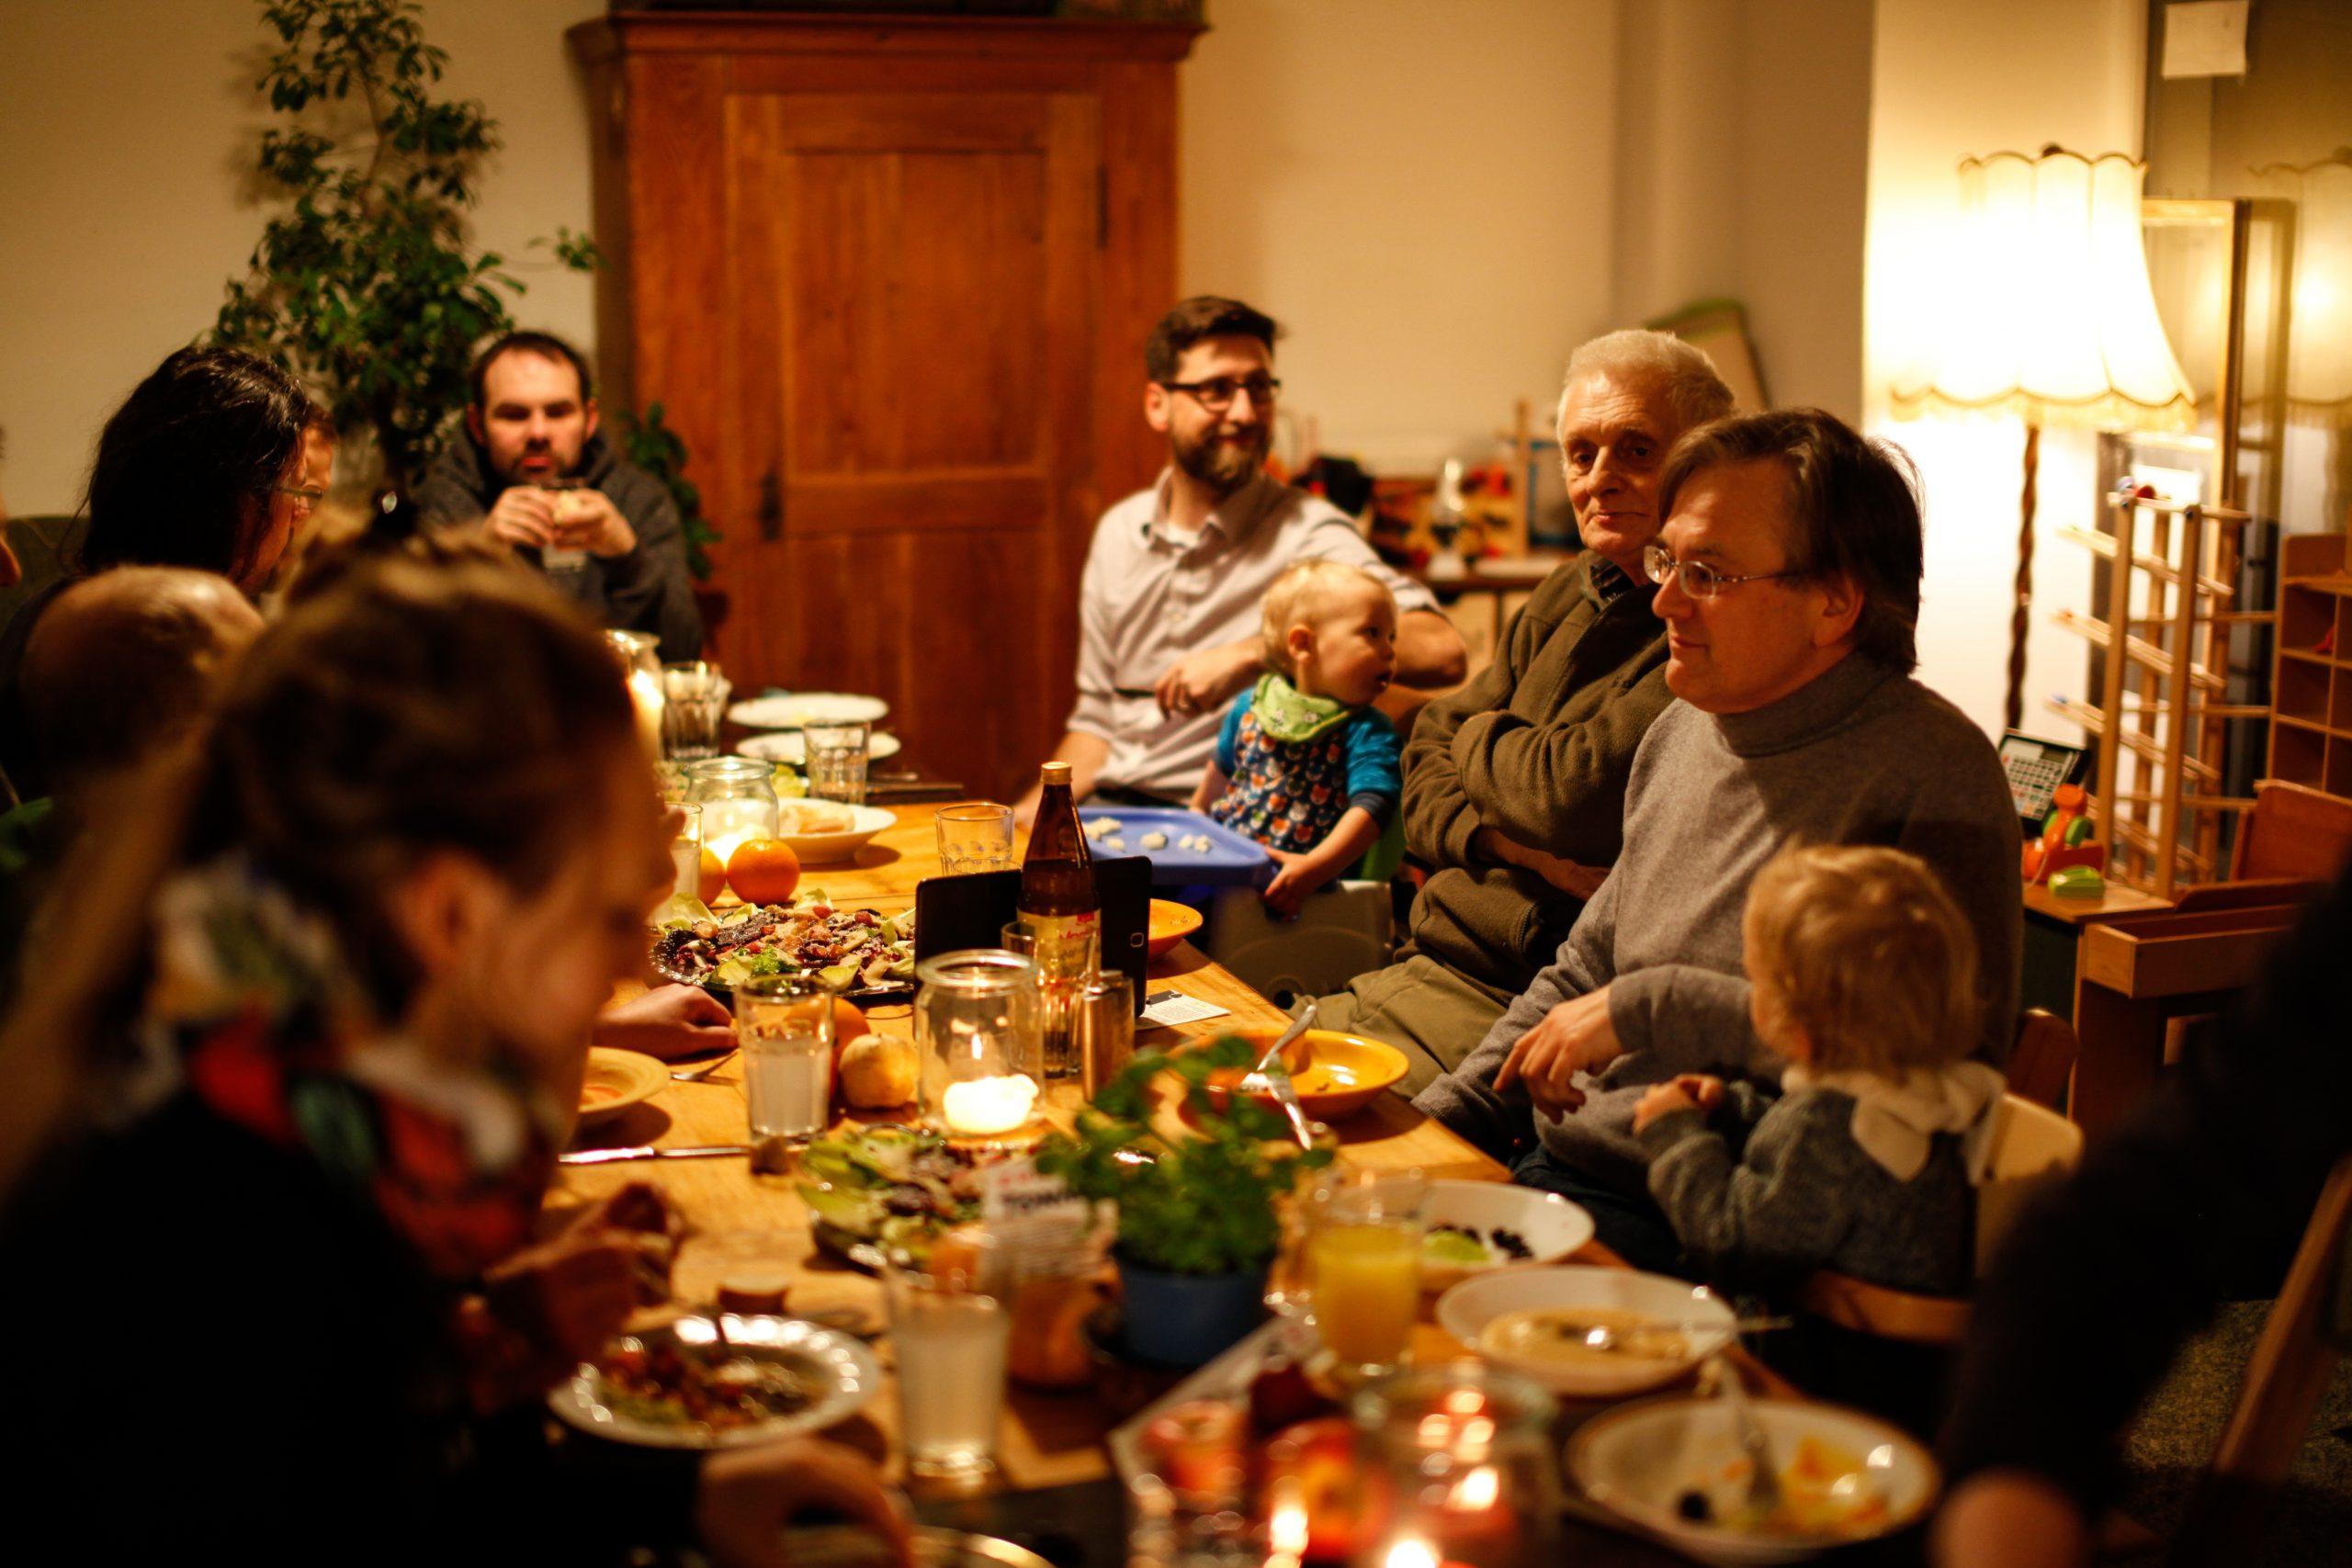 Zur Tonne auf Achse: Abendessen in der Zwickmühle